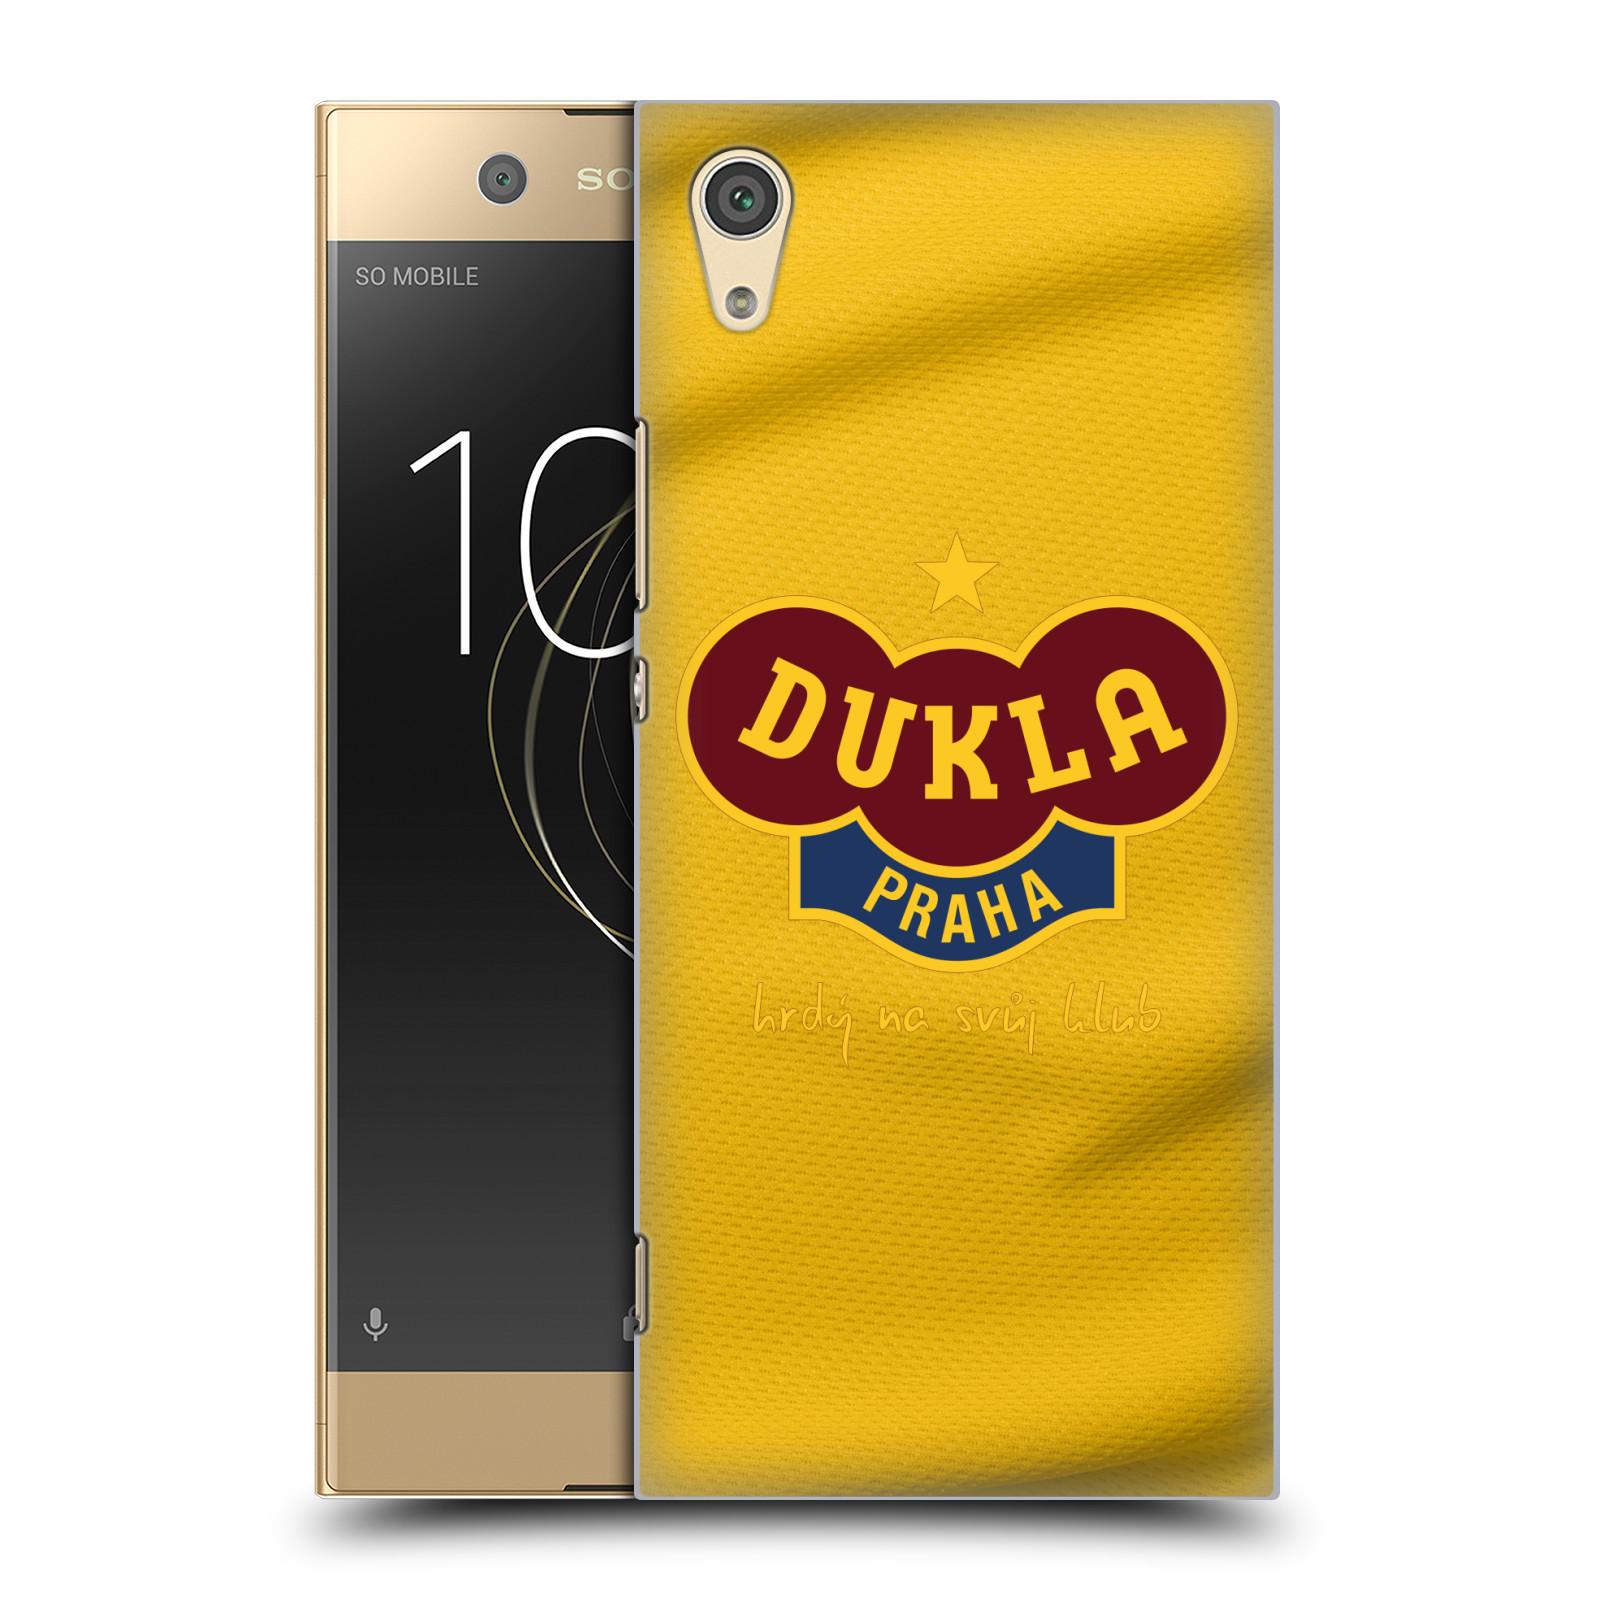 Plastové pouzdro na mobil Sony Xperia XA1 - FK Dukla Praha - Žlutý dres